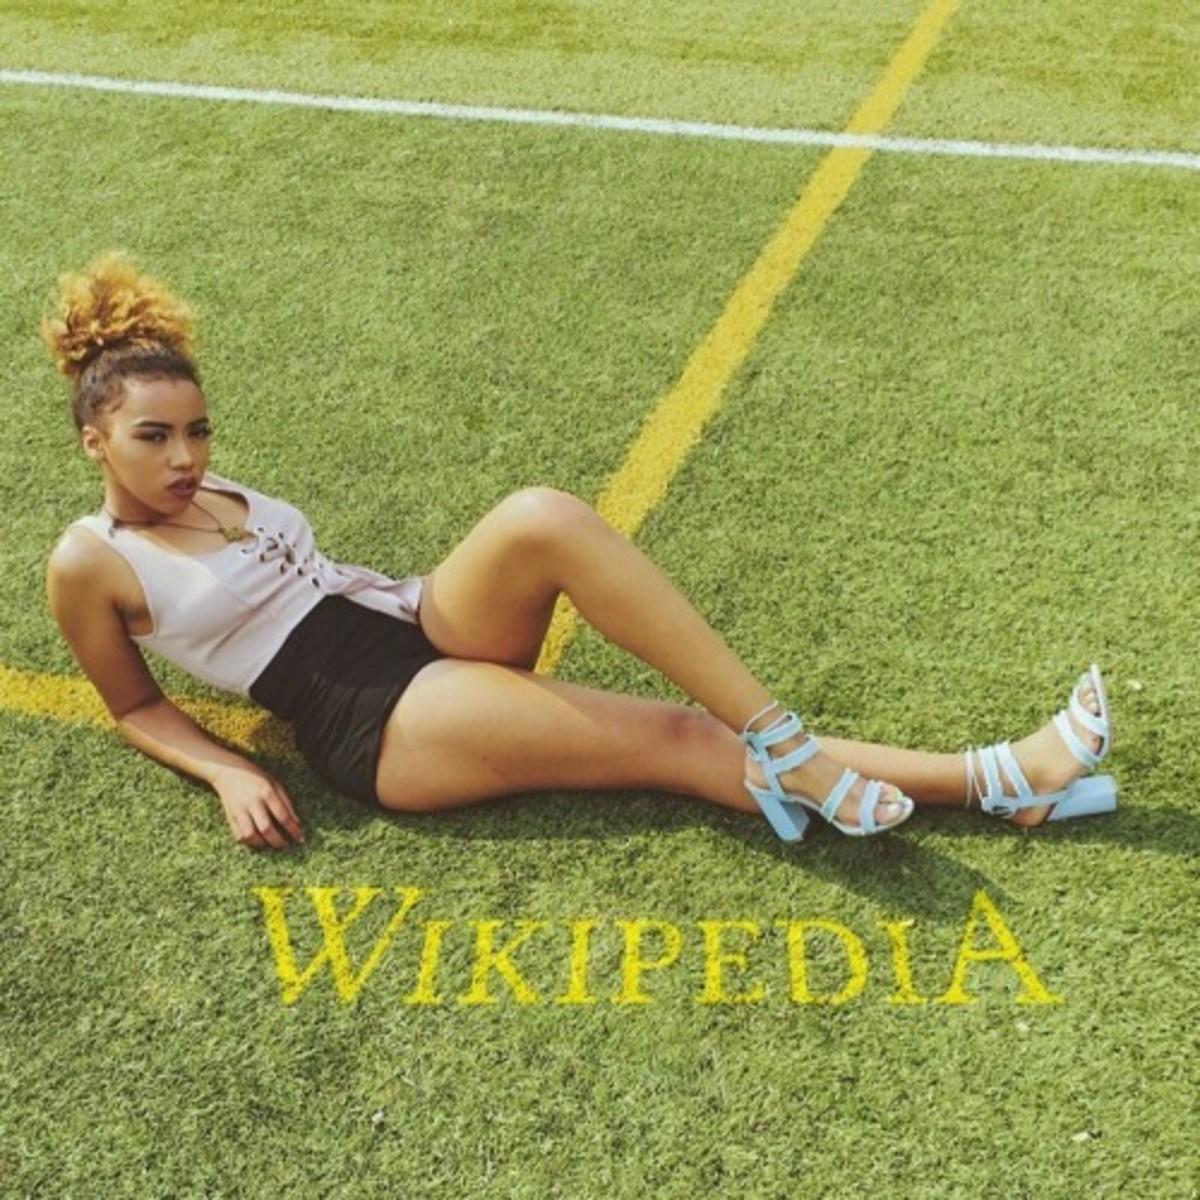 jean-deaux-wikipedia.jpg